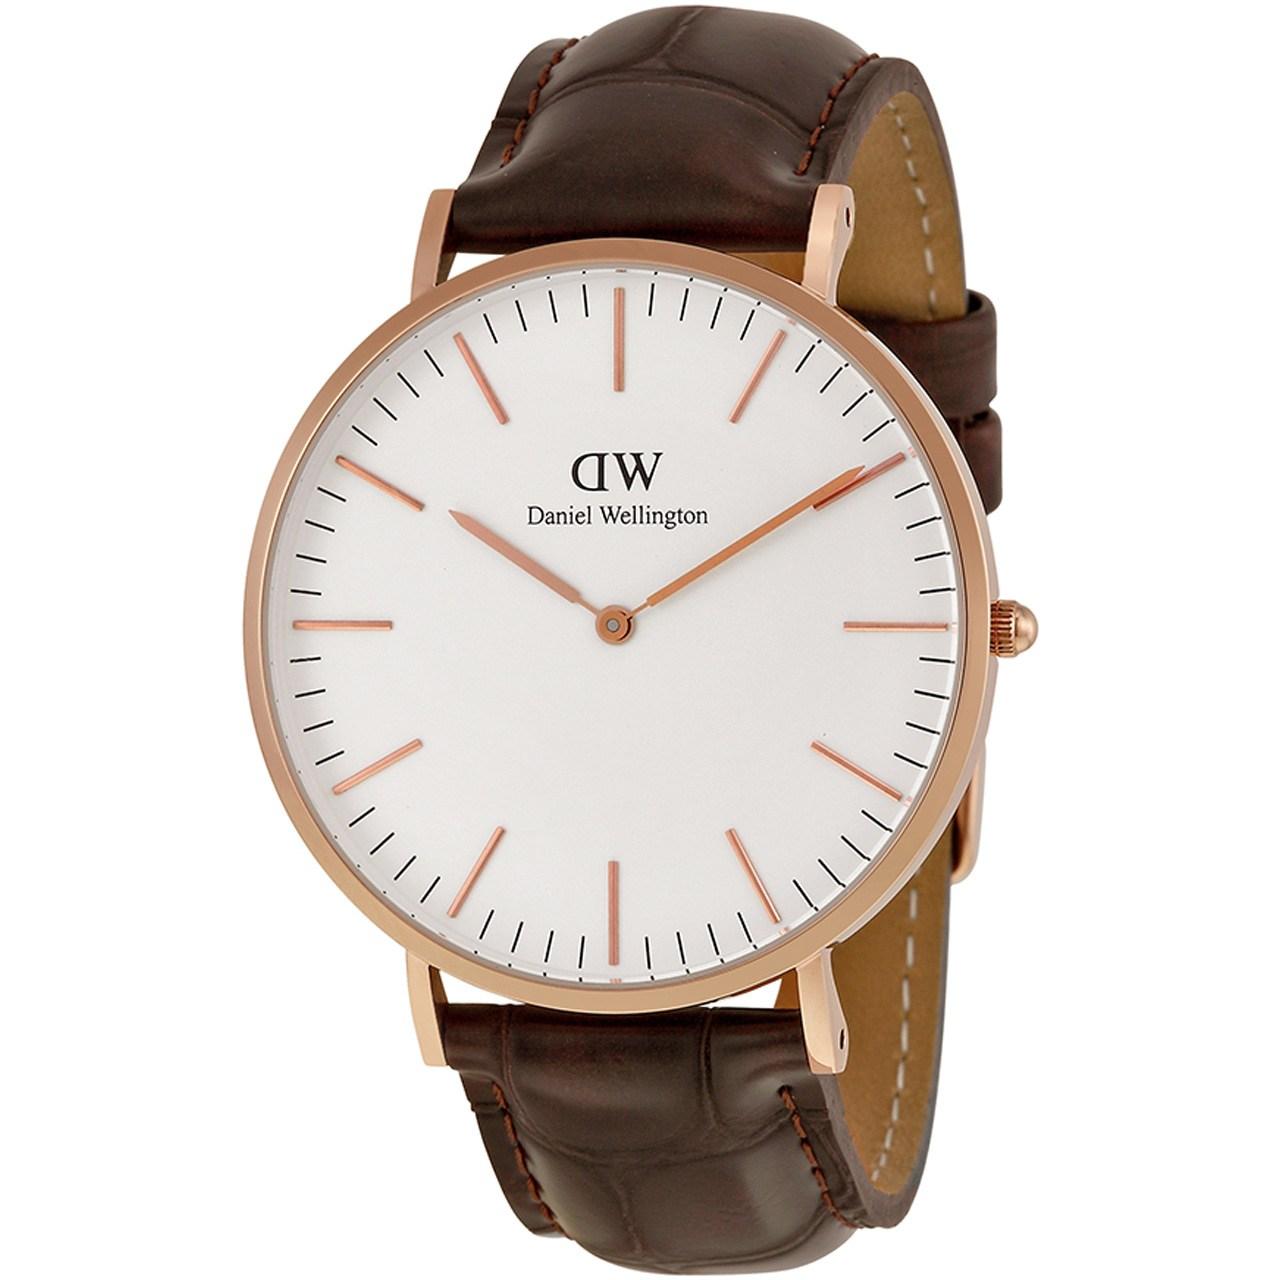 ساعت مچی عقربه ای مردانه دنیل ولینگتون مدل DW00100011              خرید (⭐️⭐️⭐️)